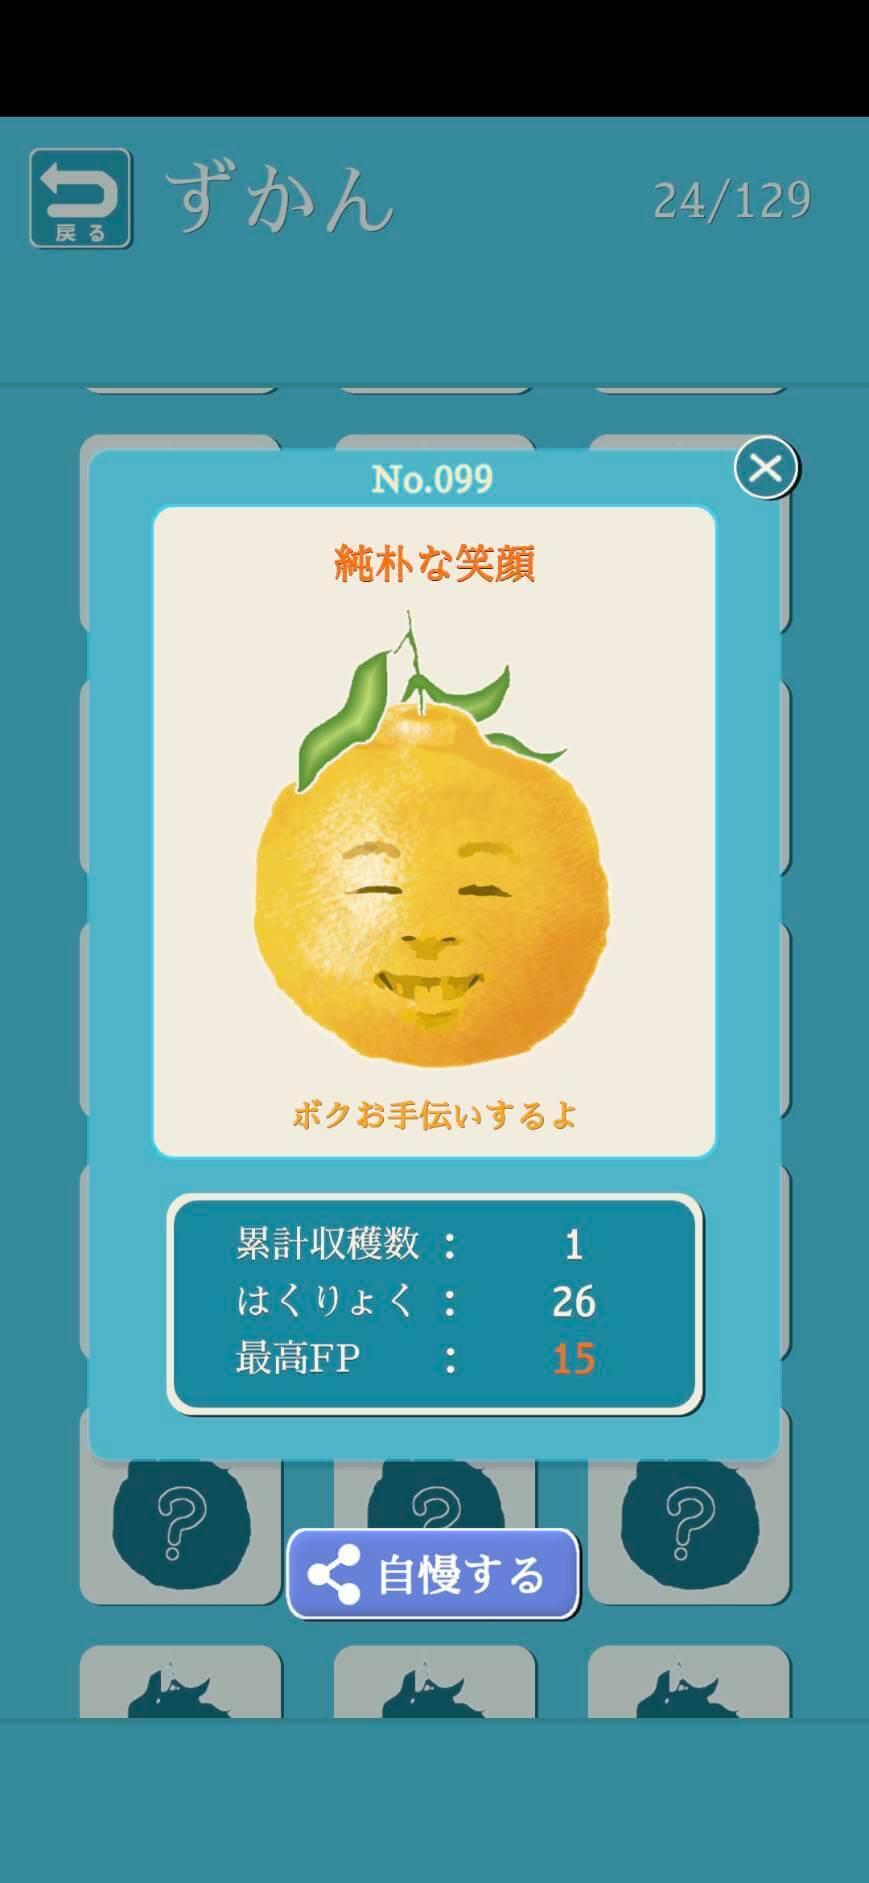 No.099 純粋な笑顔